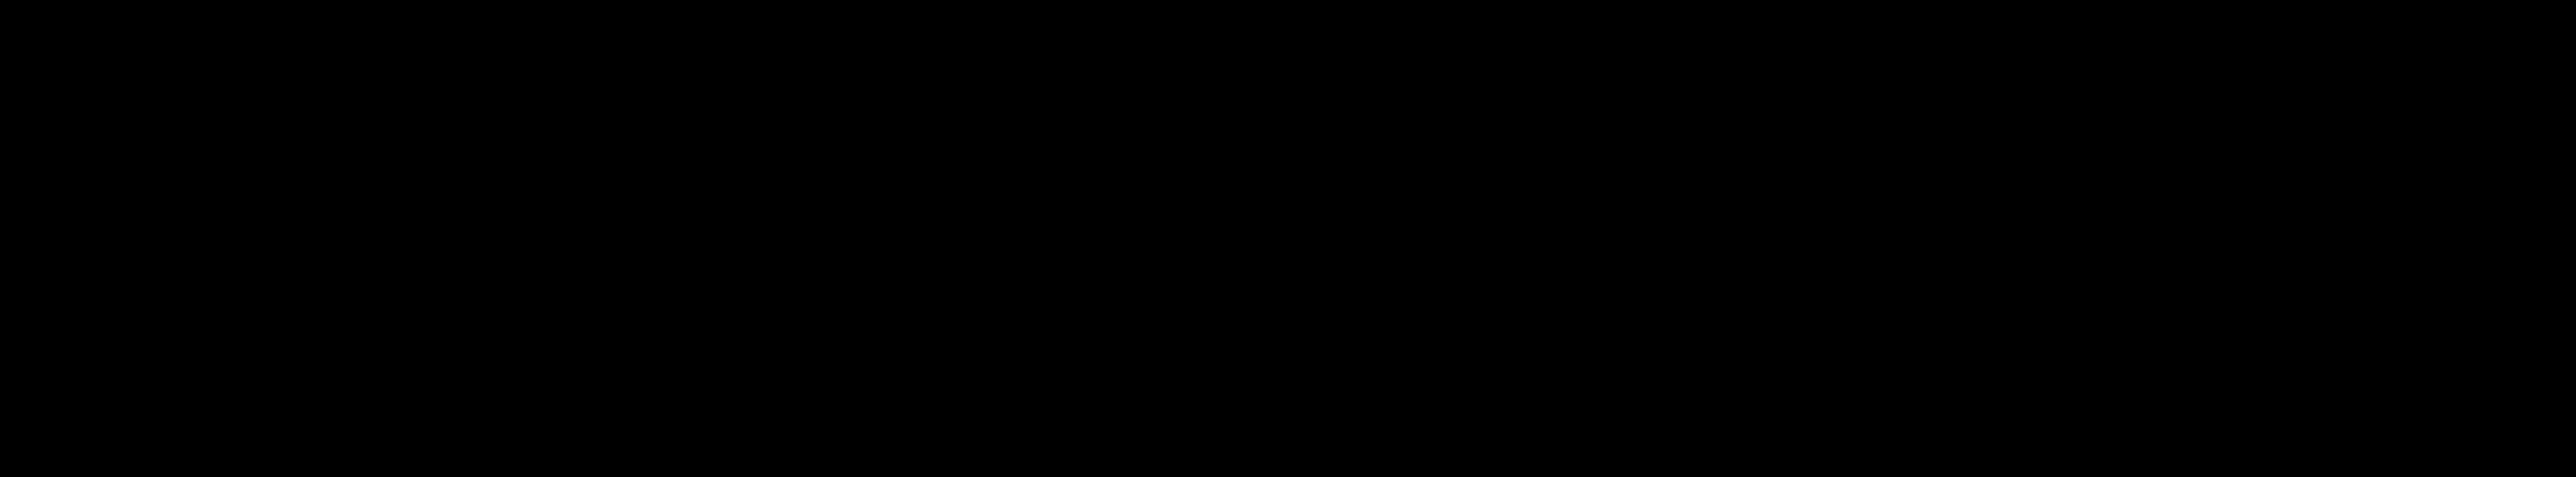 Balmain Logo Png Hdpng.com 3780 - Balmain, Transparent background PNG HD thumbnail